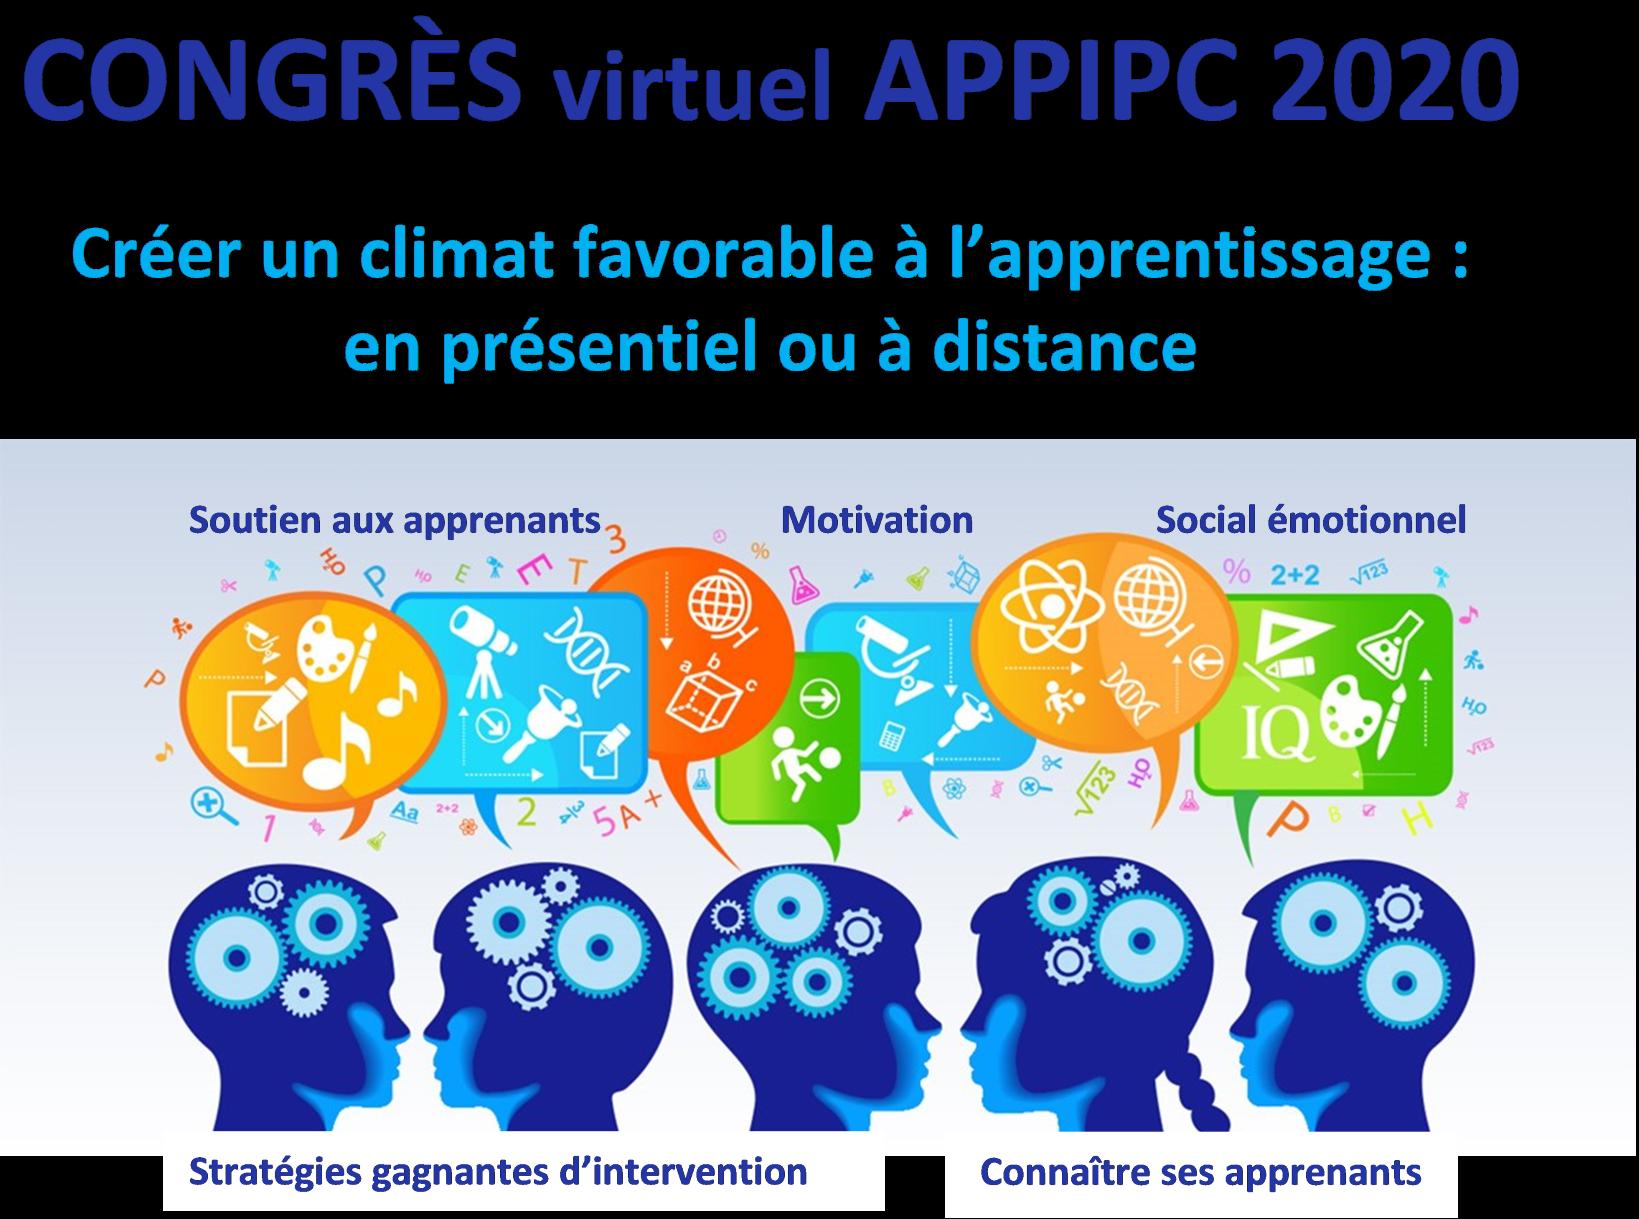 Congrès virtuel APPIPC 2020